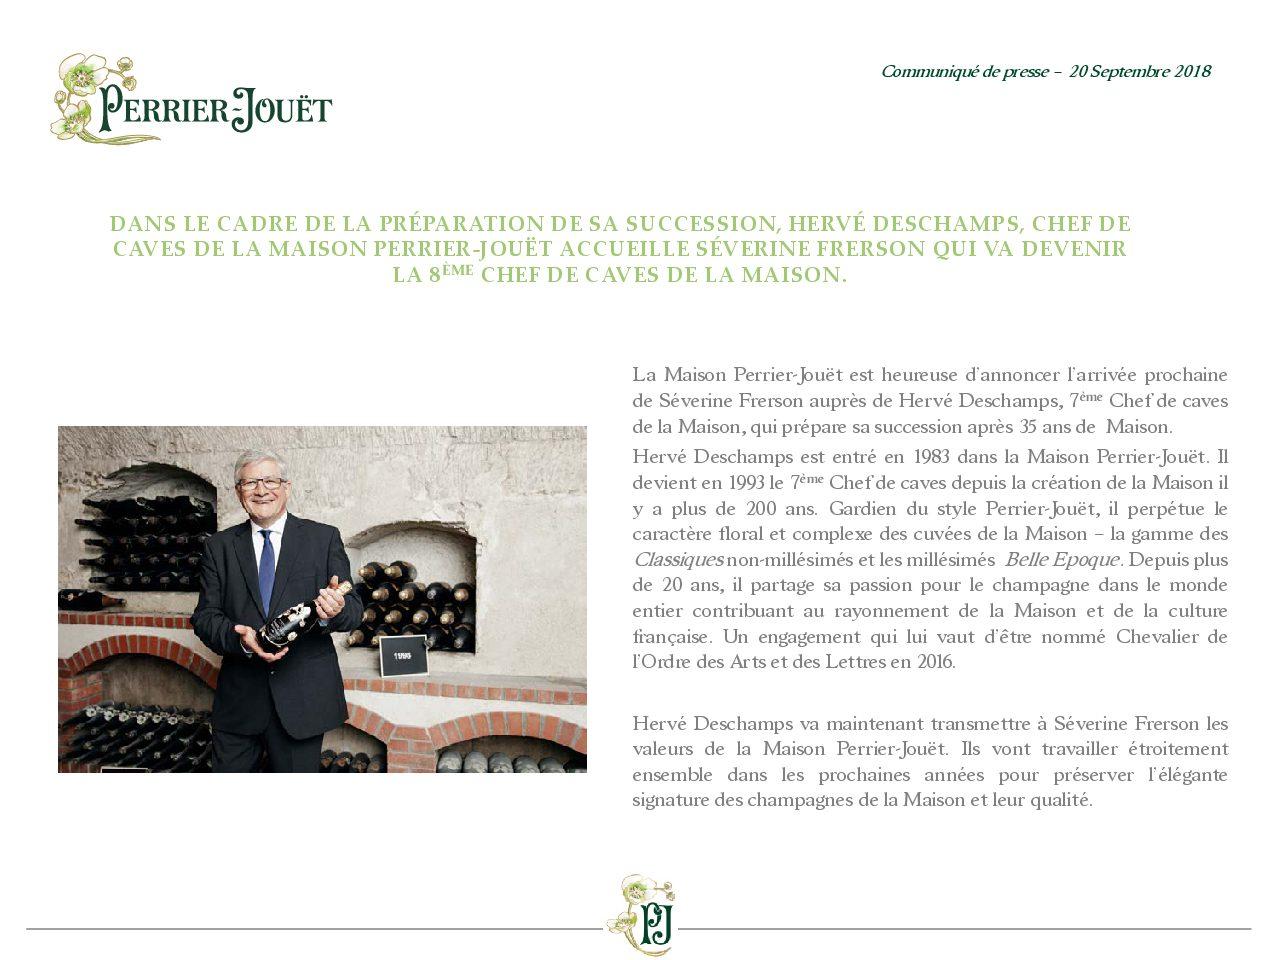 Communique de presse Perrier-Jouët - Arrivée Séverine Frerson